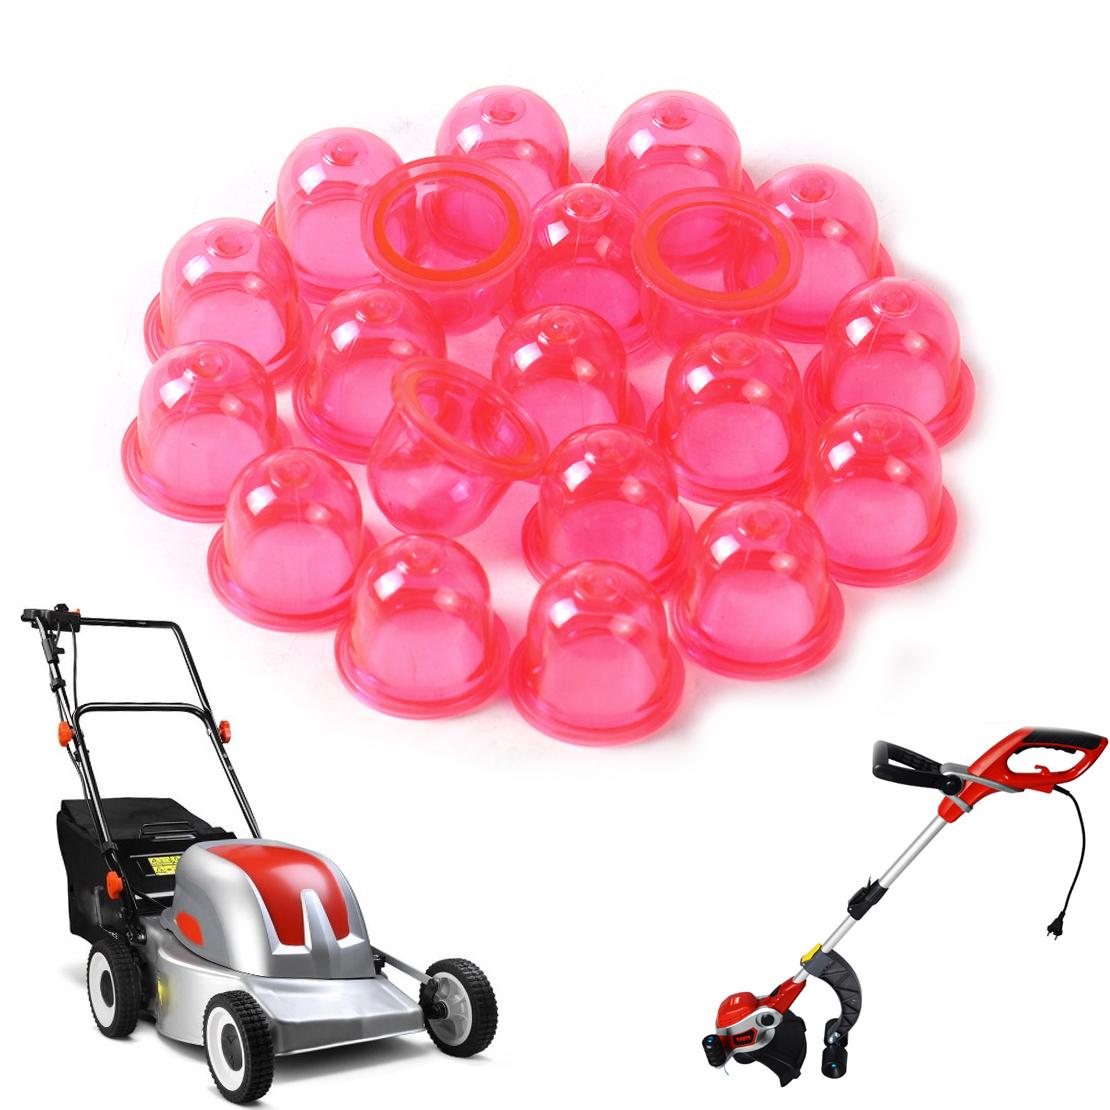 Plastic Bobbins For Pfaff #93-040970-45 20pk